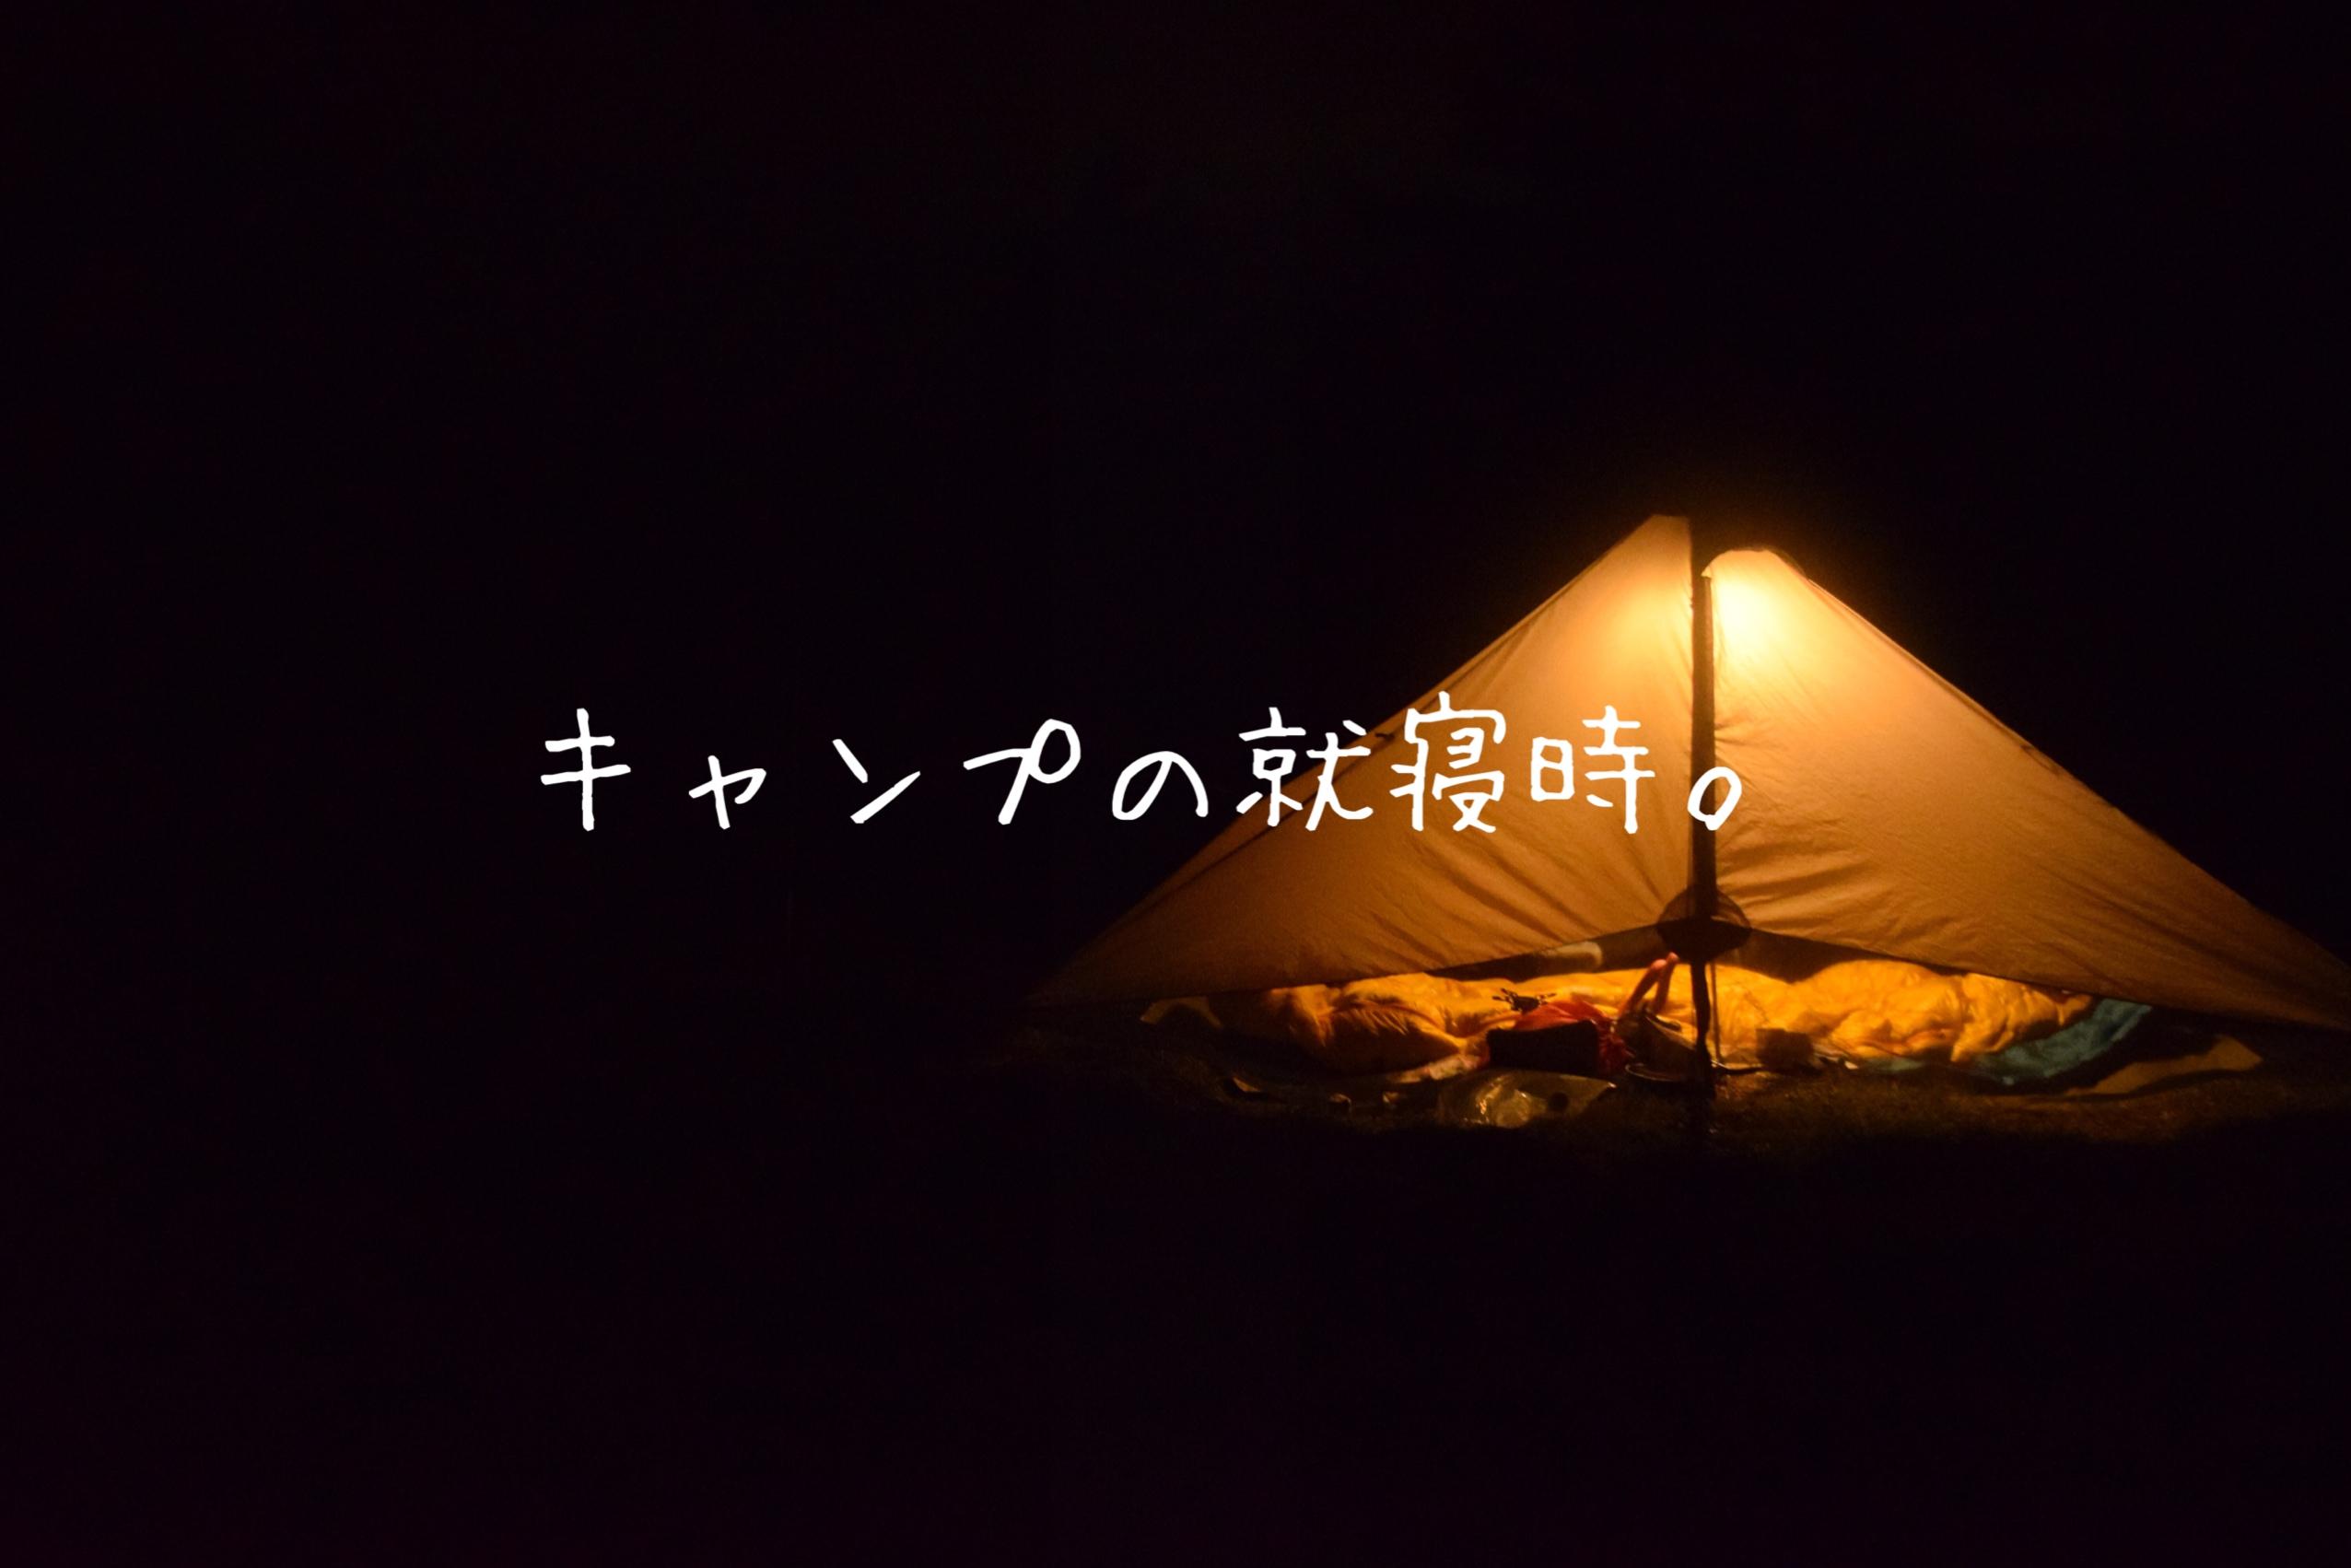 【たかにぃの考察】キャンプの就寝時について。冬キャンプに向けて道具の勉強。